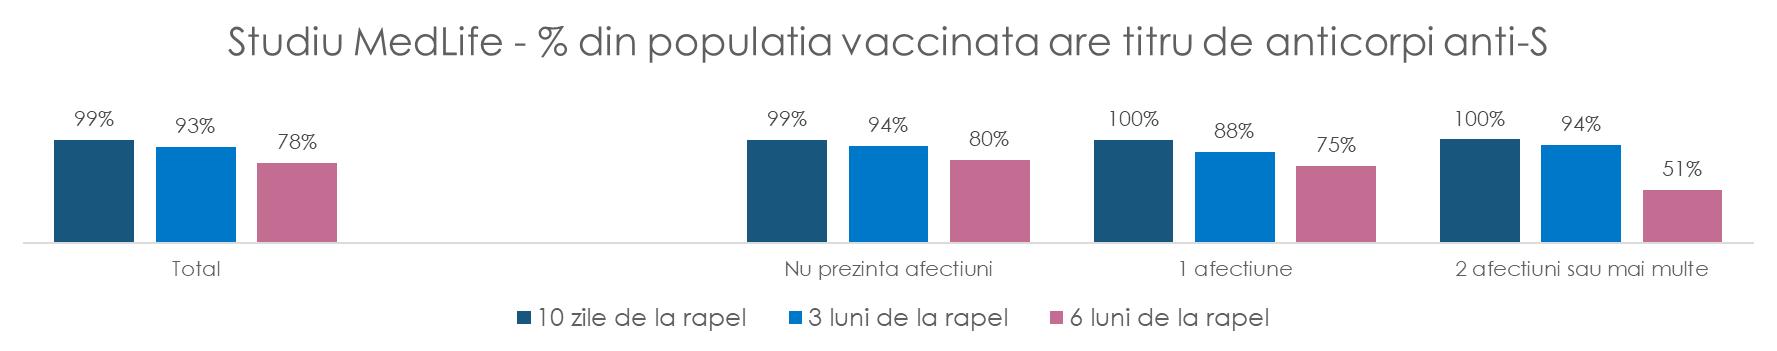 studiu medlife anticorpi covid post rapel vaccin